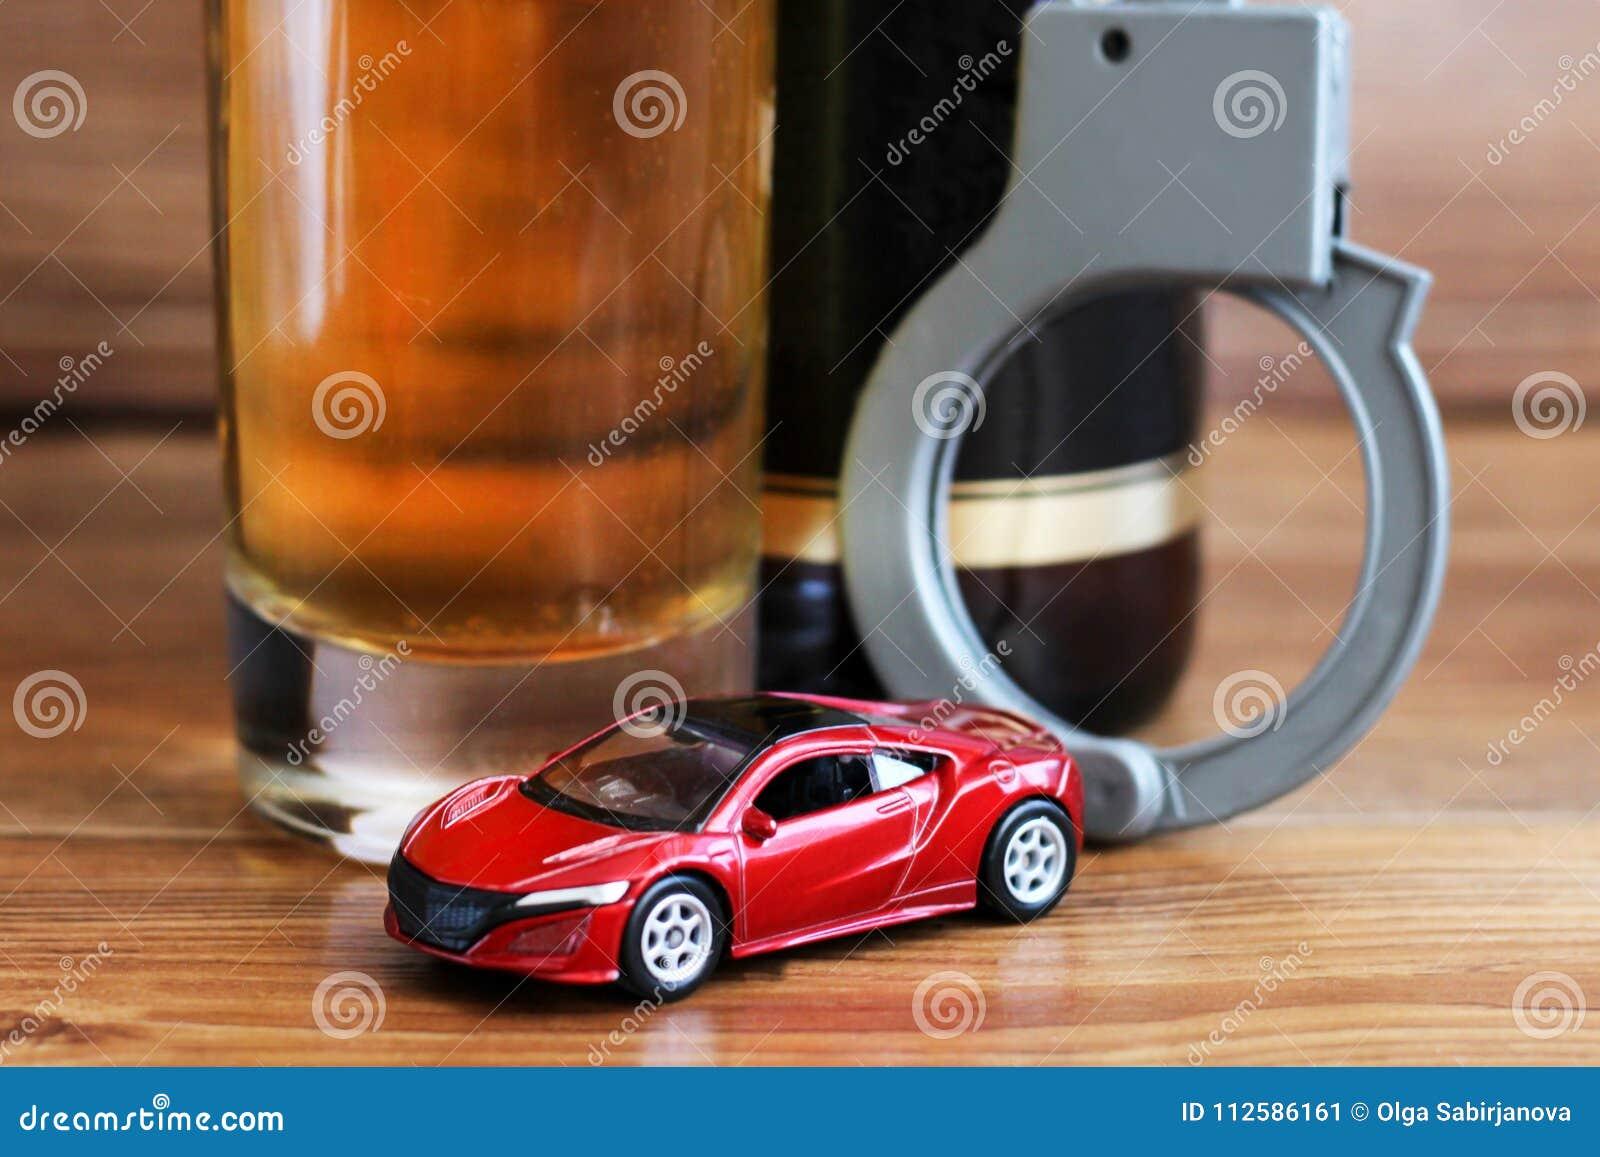 2018年3月19日 俄罗斯, Izhevsk 戏弄喝和驾驶概念的汽车和瓶